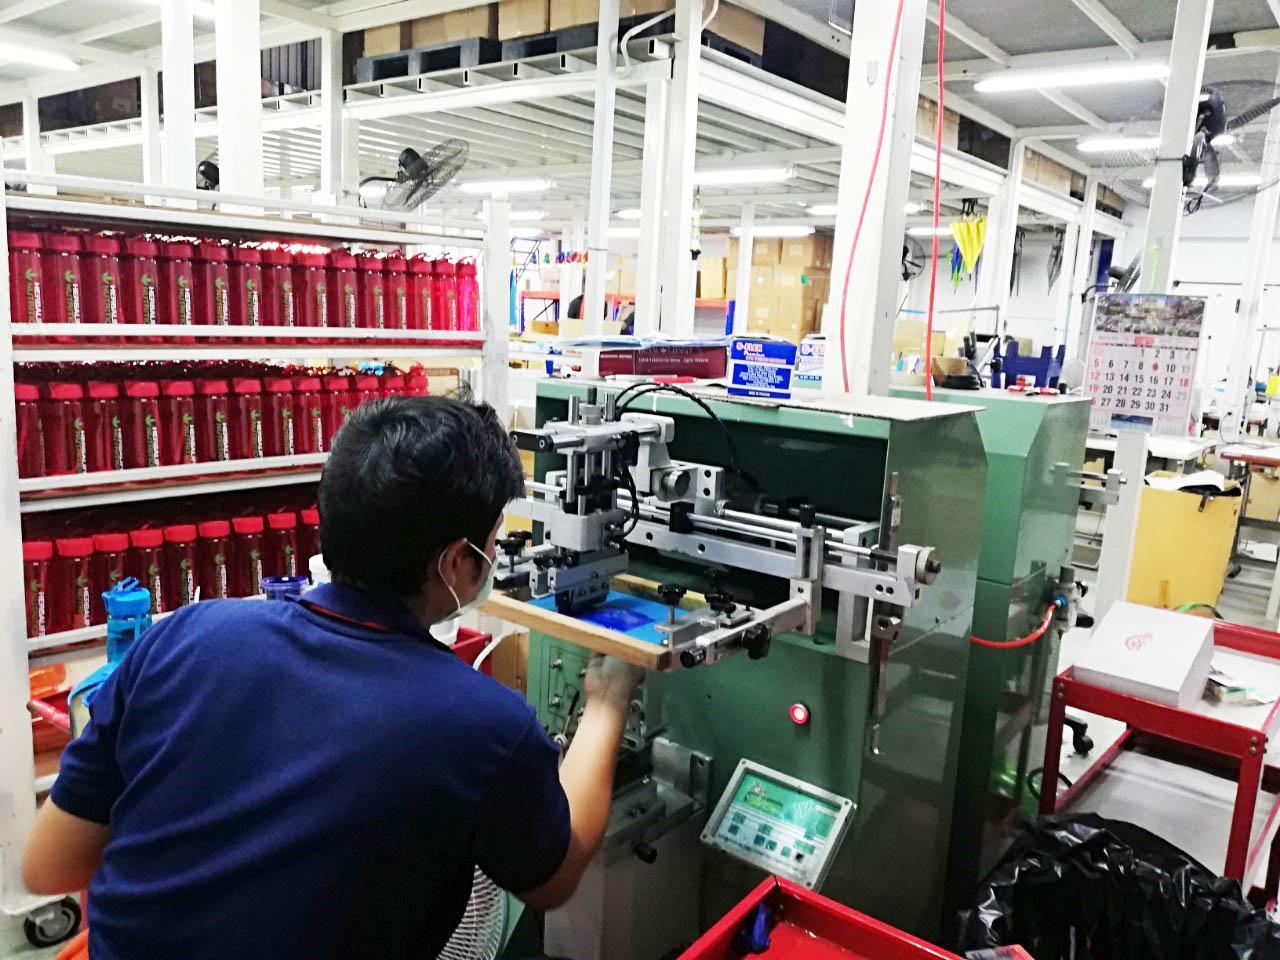 โรงงานของพรีเมี่ยม ของแจก กระบอกน้ำ USB พาวเวอร์แบงค์ และอื่น ๆ รับงานผลิตด่วน